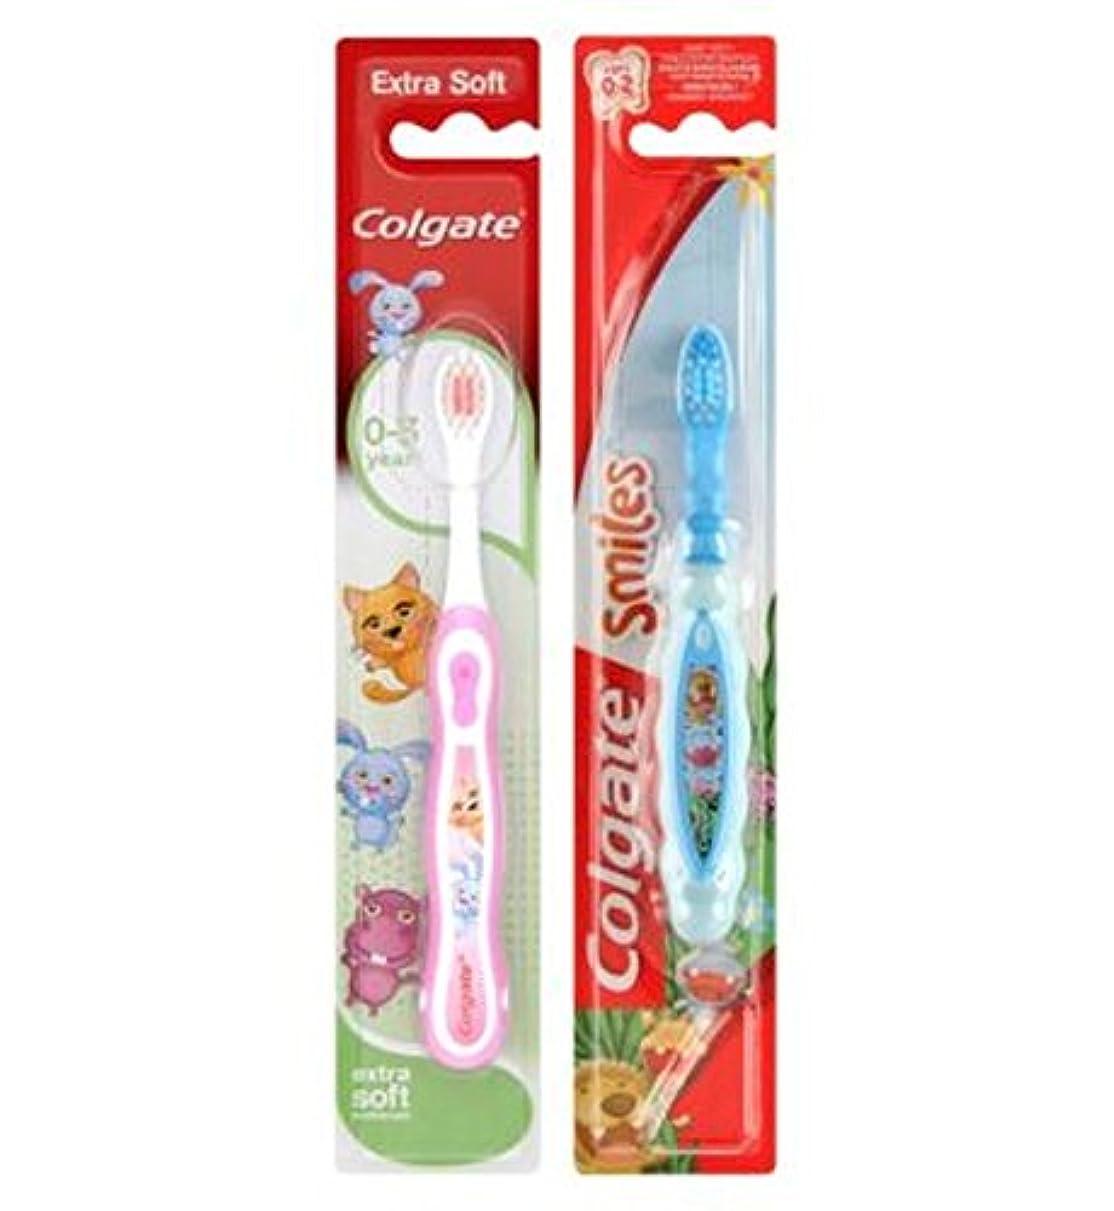 告発ソーシャルマンハッタンコルゲート私の最初の歯ブラシ (Colgate) (x2) - Colgate My First Toothbrush (Pack of 2) [並行輸入品]